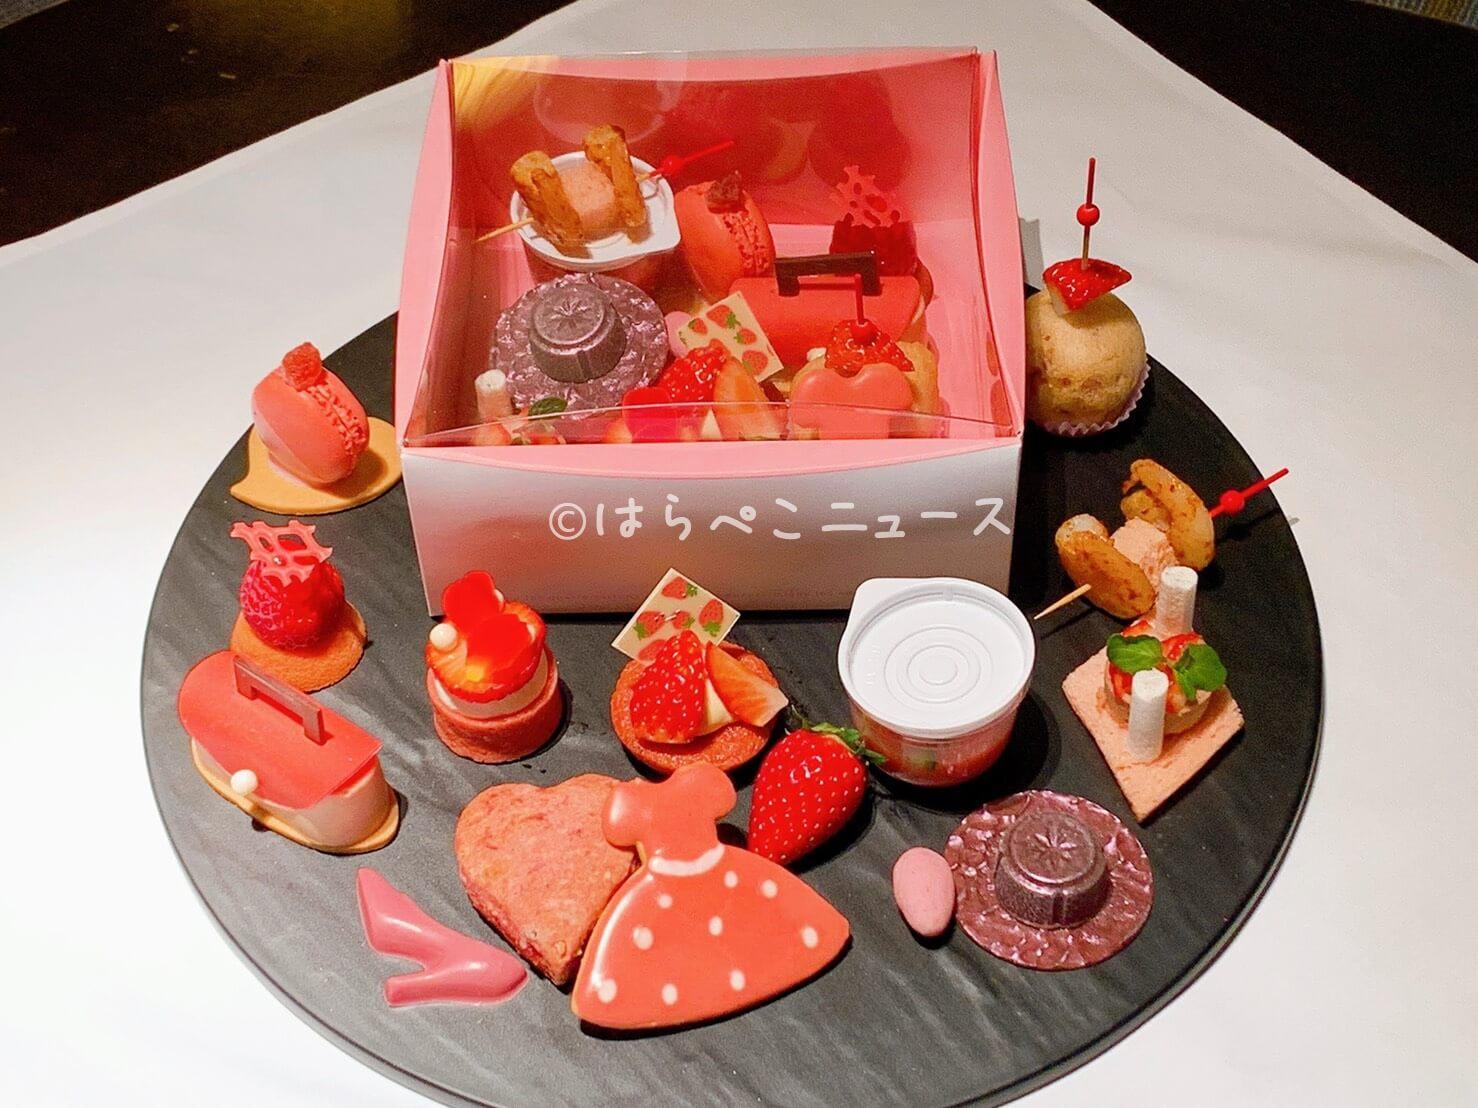 【テイクアウトいちごスイーツ特集】おうちでいちご狩り!記念日・誕生日ケーキや苺スイーツデリバリーも!